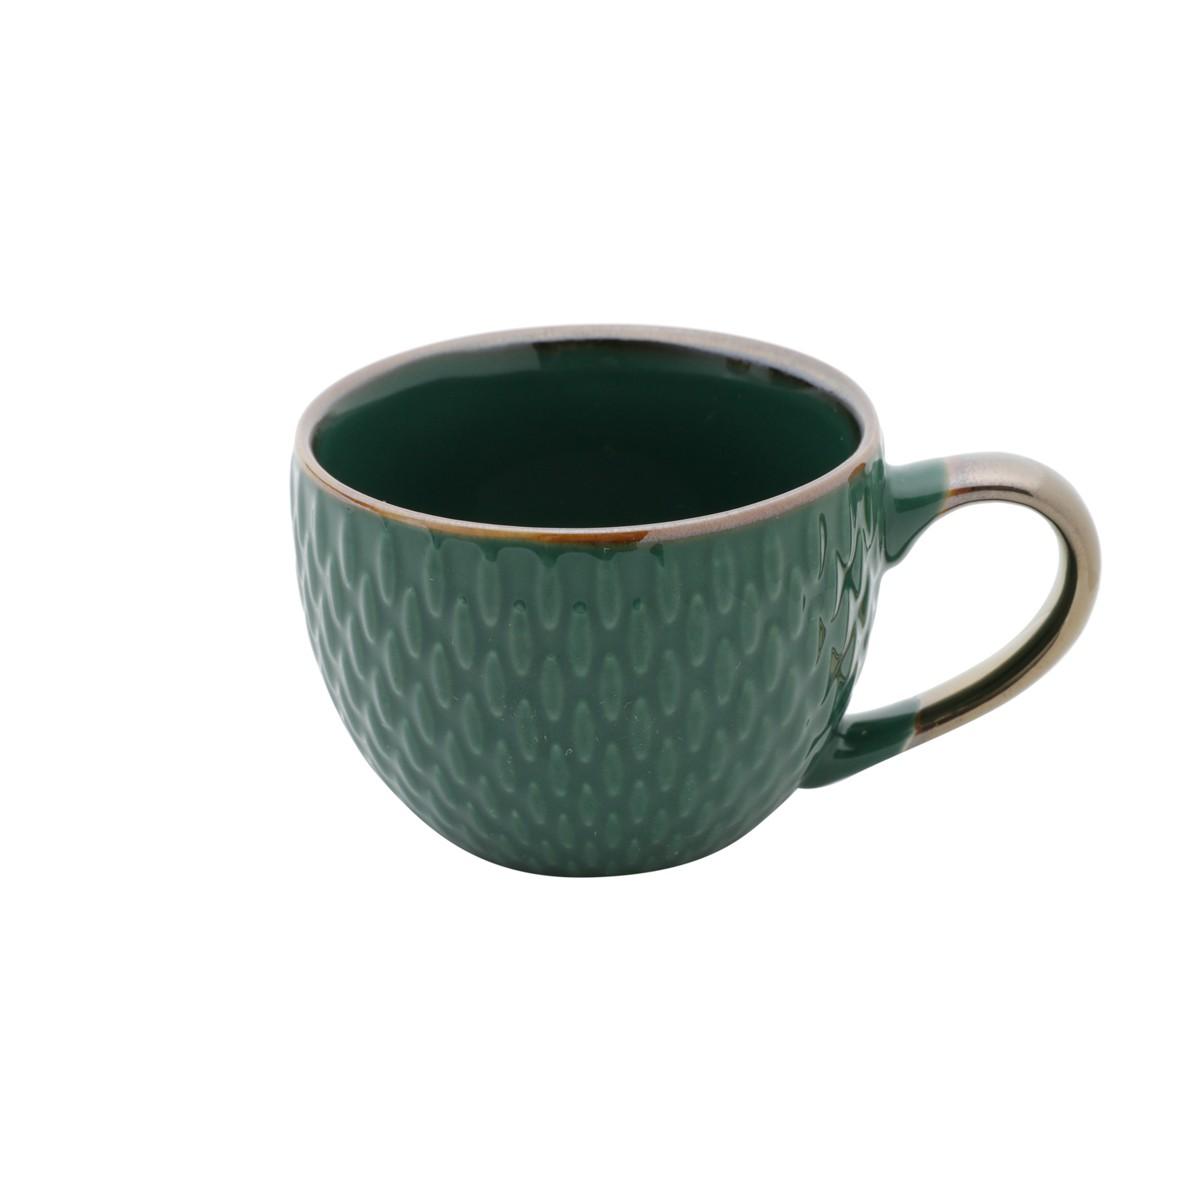 Jg 06 Xicaras de Cafe Verde de Porcelana 90ml